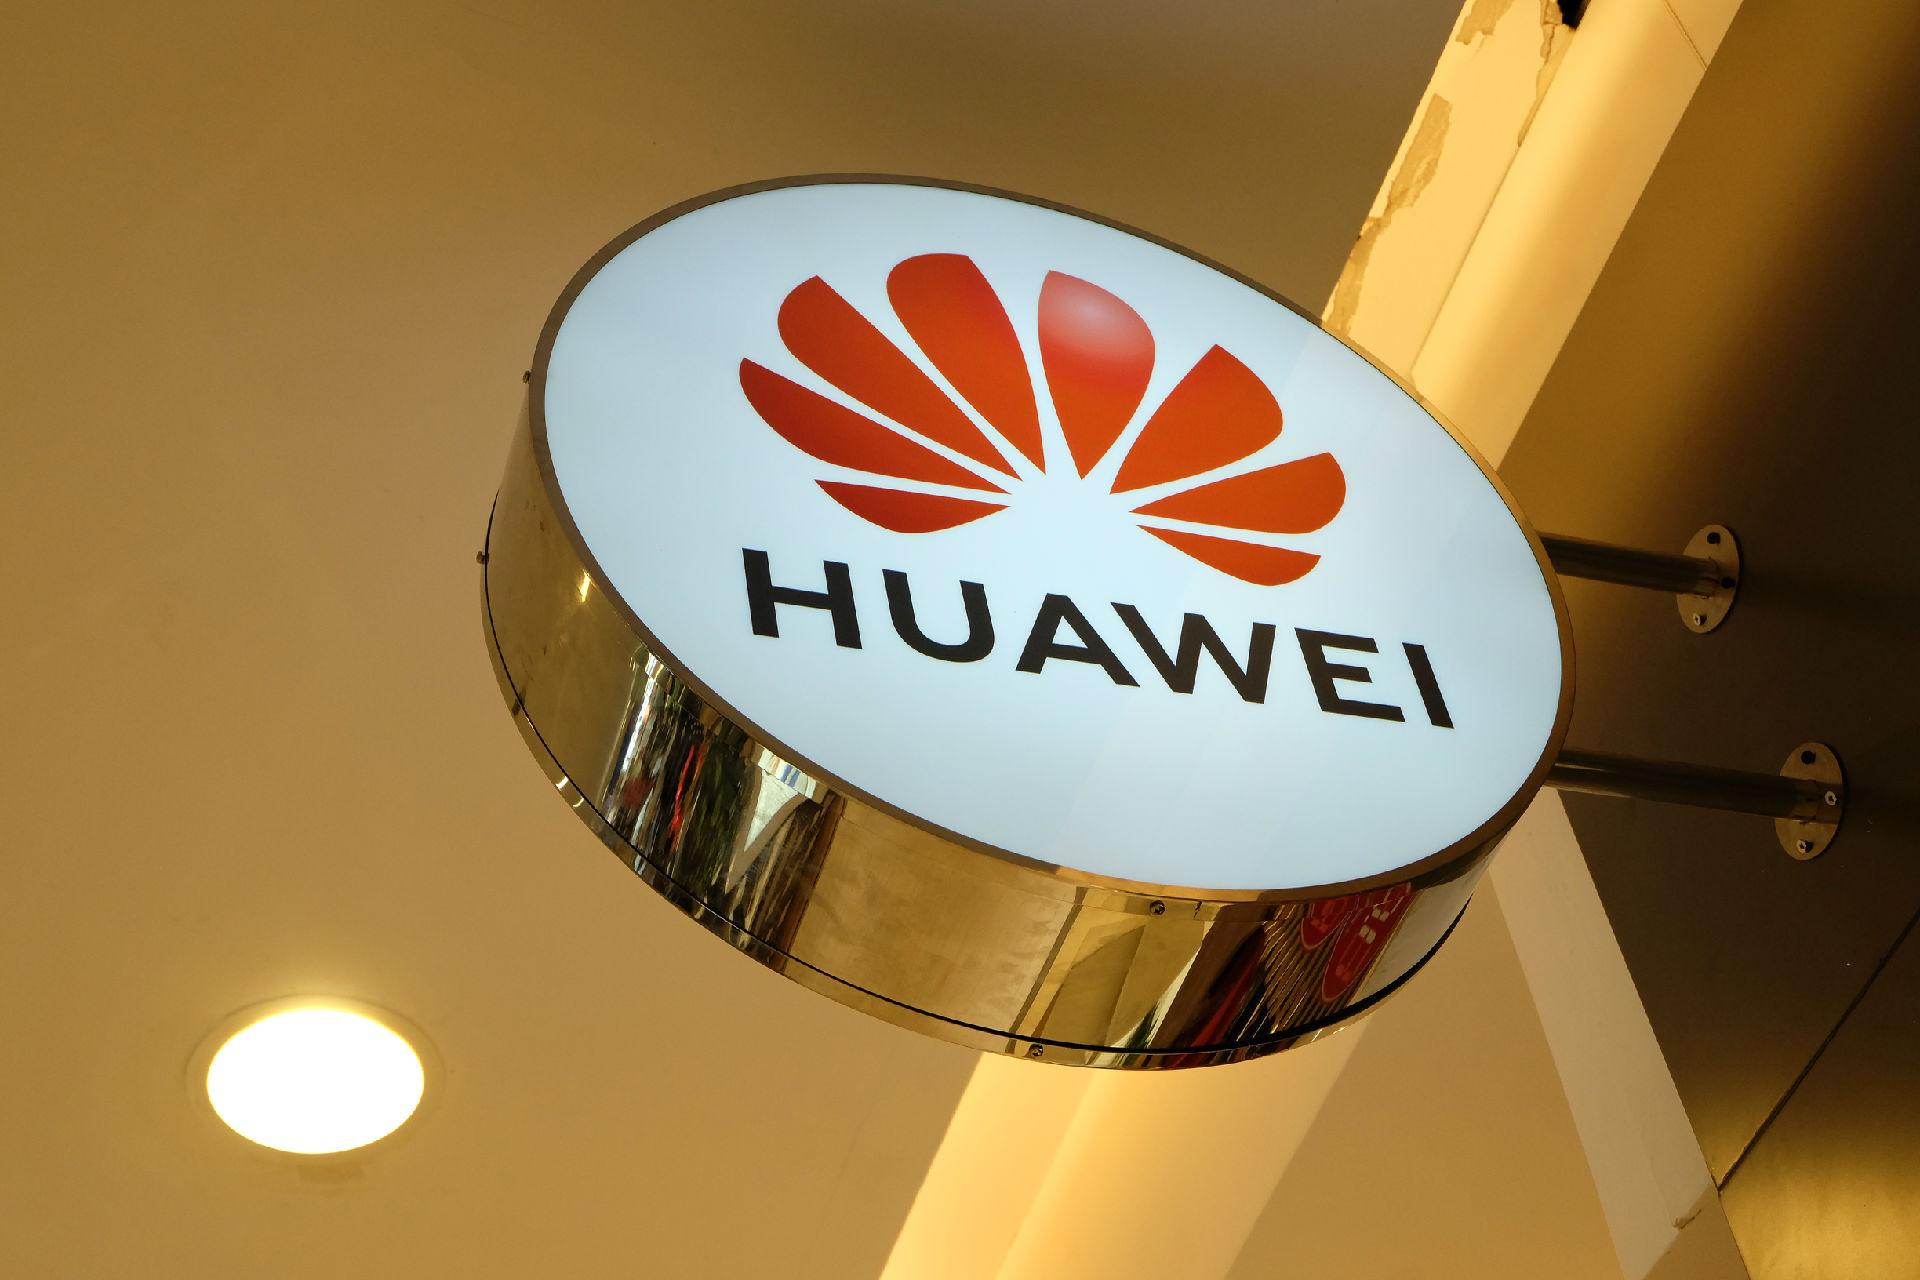 消息称华为首款电视产品将于近期发布,初期以荣耀品牌推出